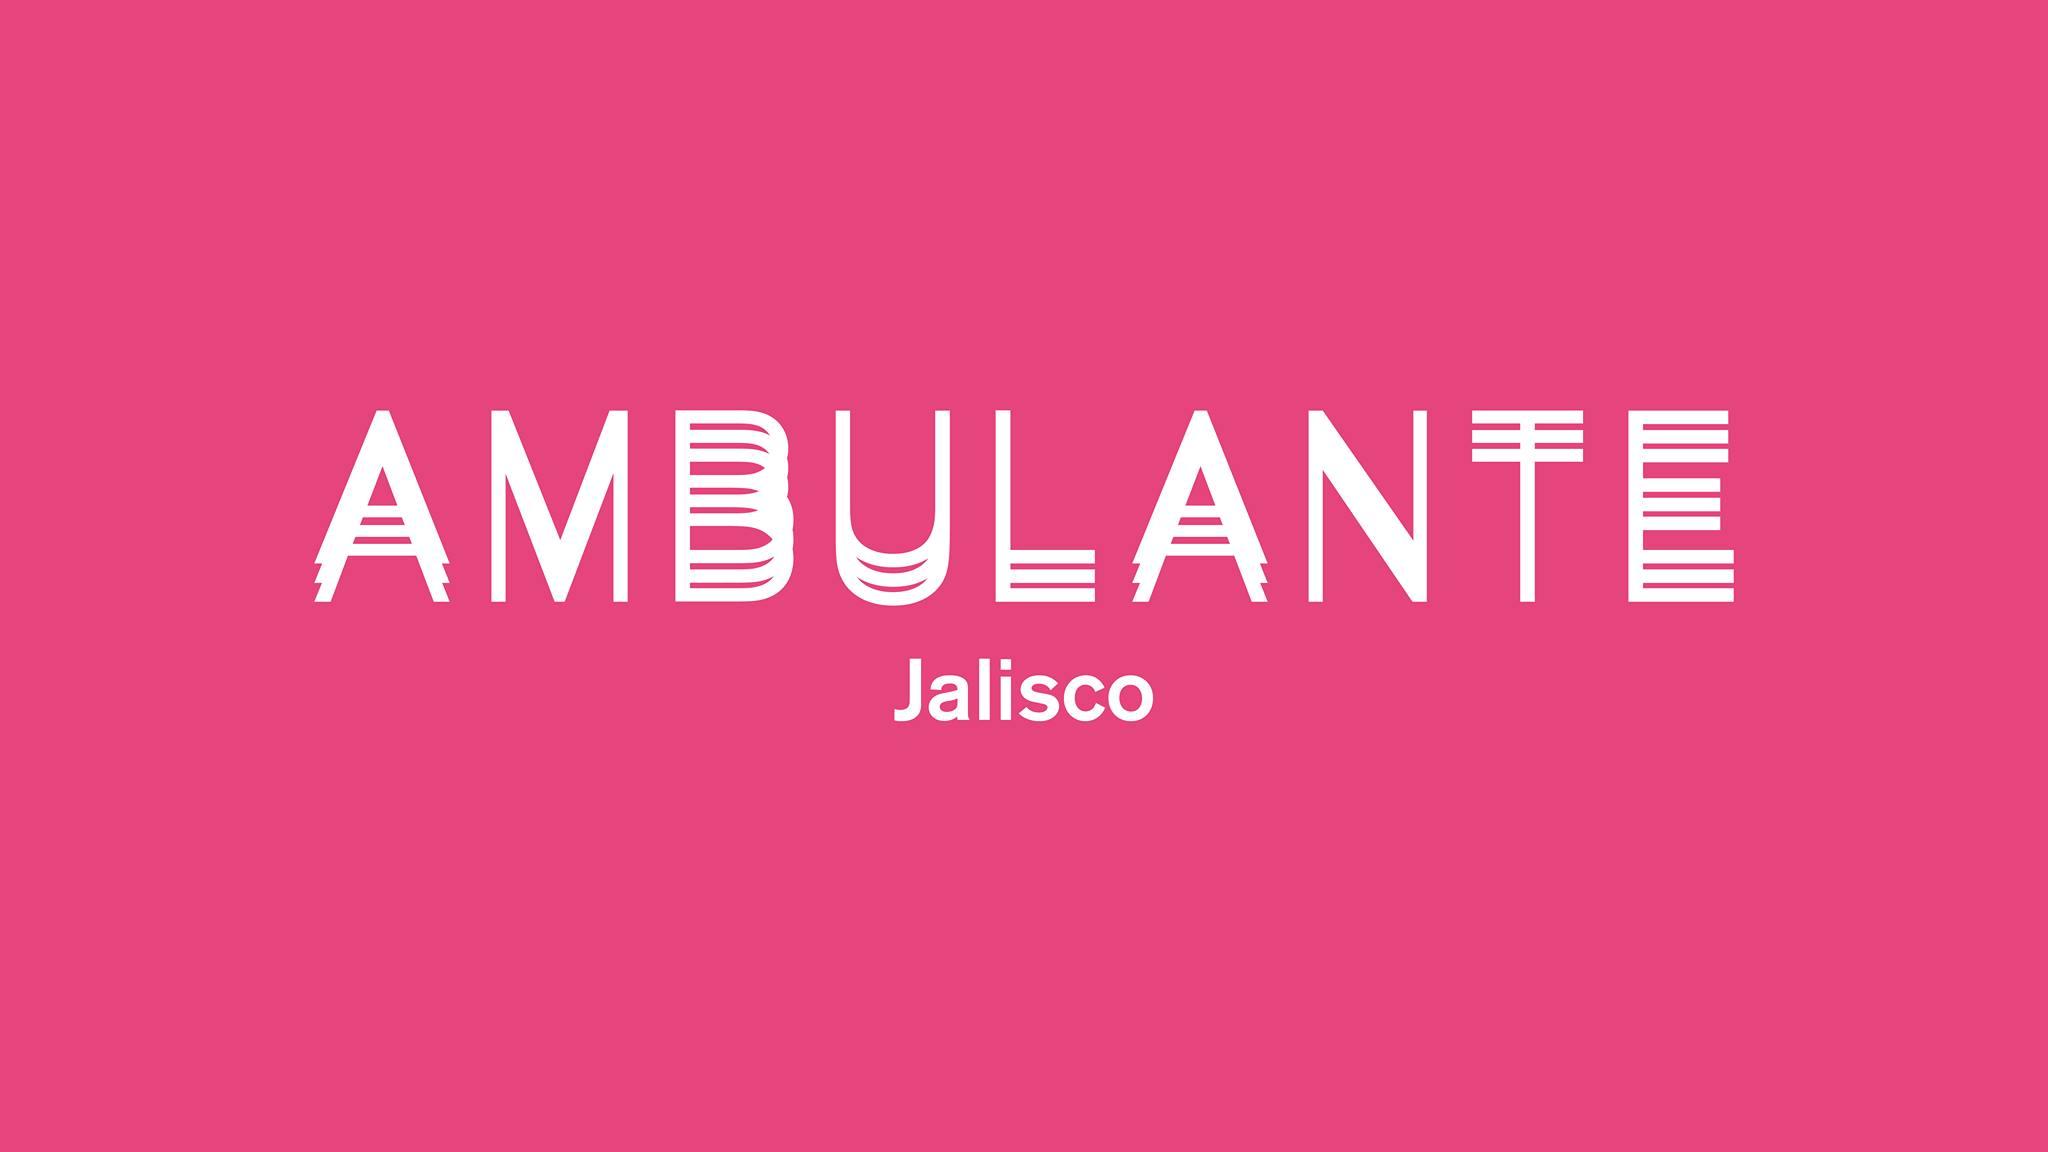 Ambulante, Gira de Documentales 2018, del 5 al 12 de Abril en Jalisco